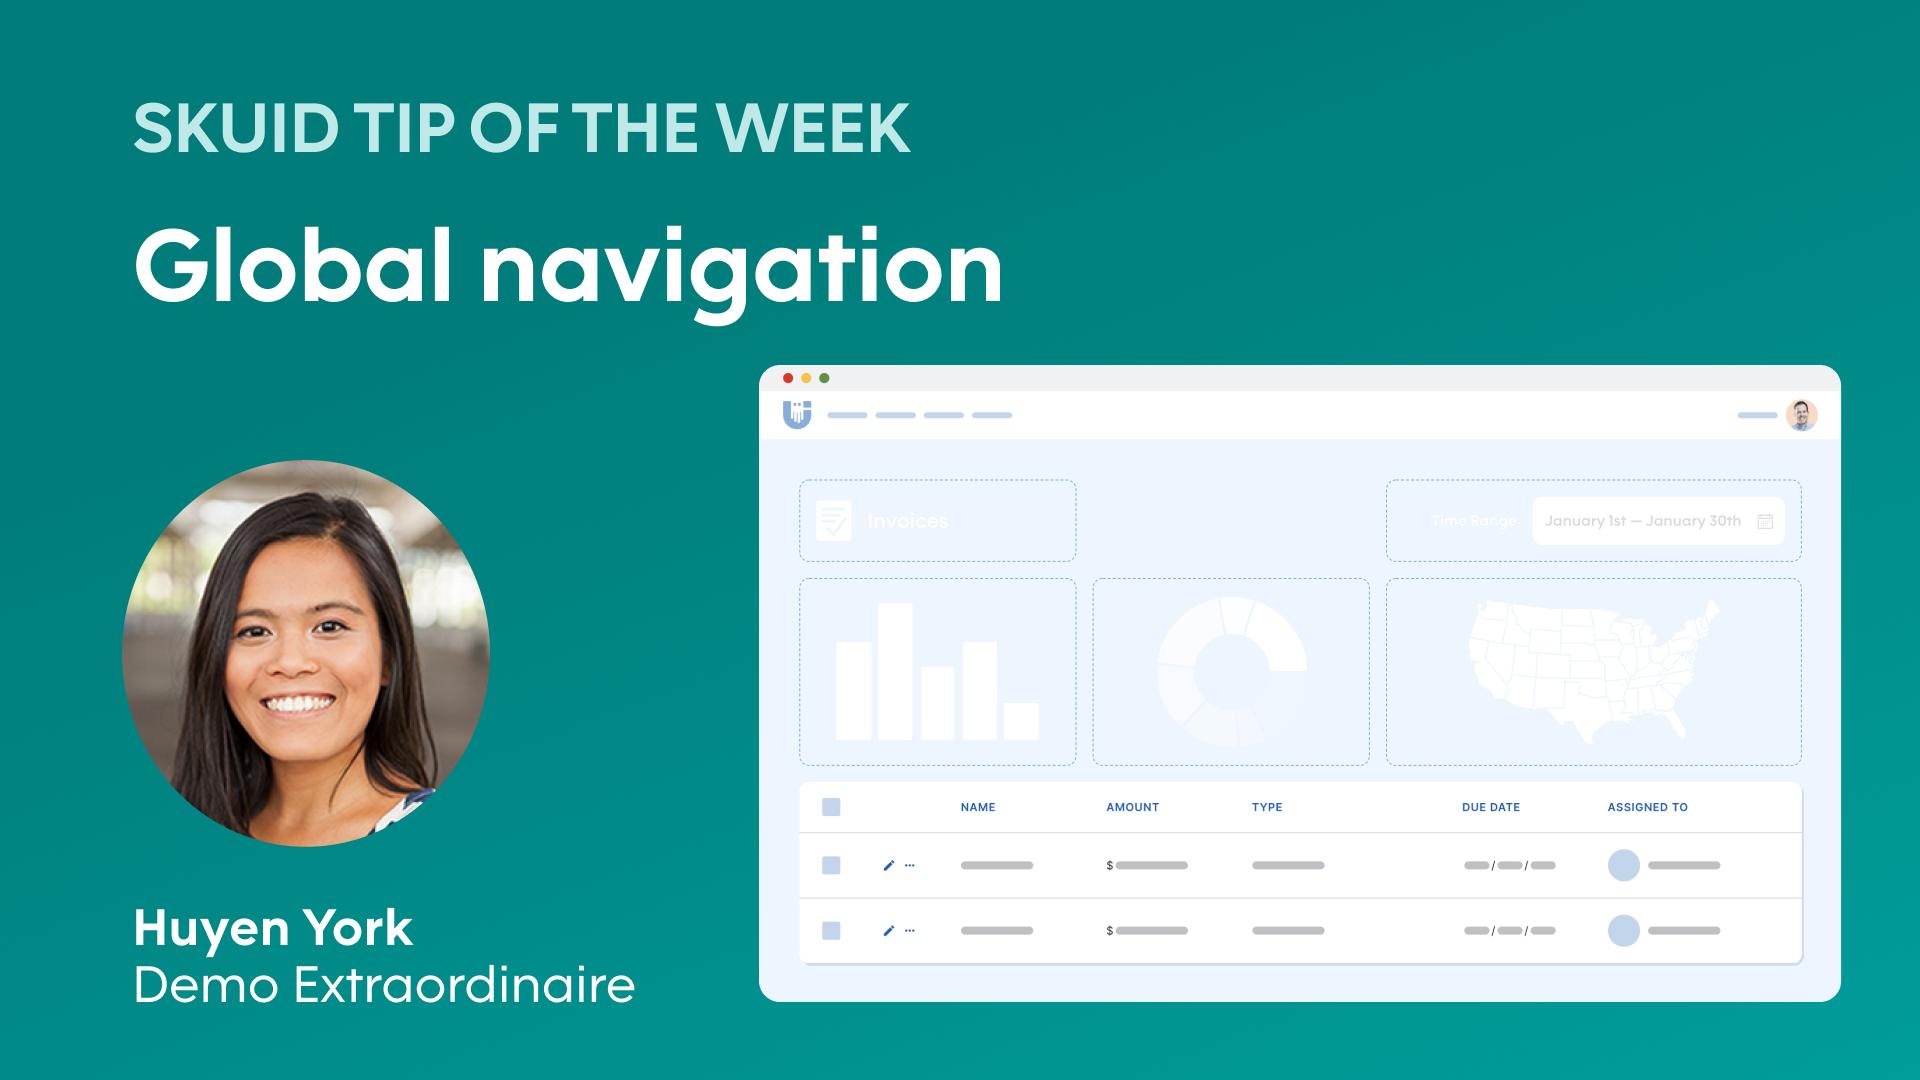 Global navigation | Skuid tip of the week